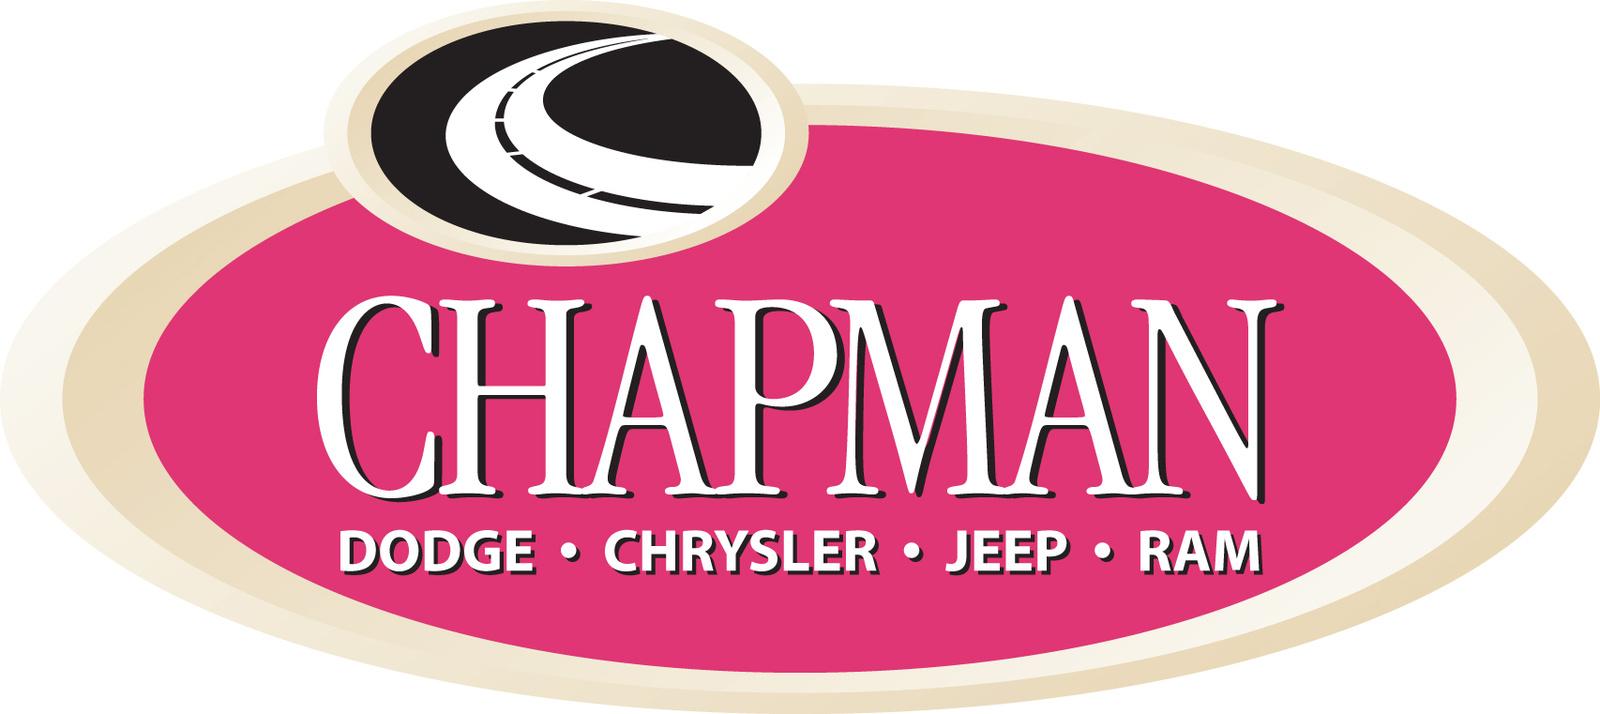 chapman las vegas dodge chrysler jeep ram las vegas nv read. Cars Review. Best American Auto & Cars Review